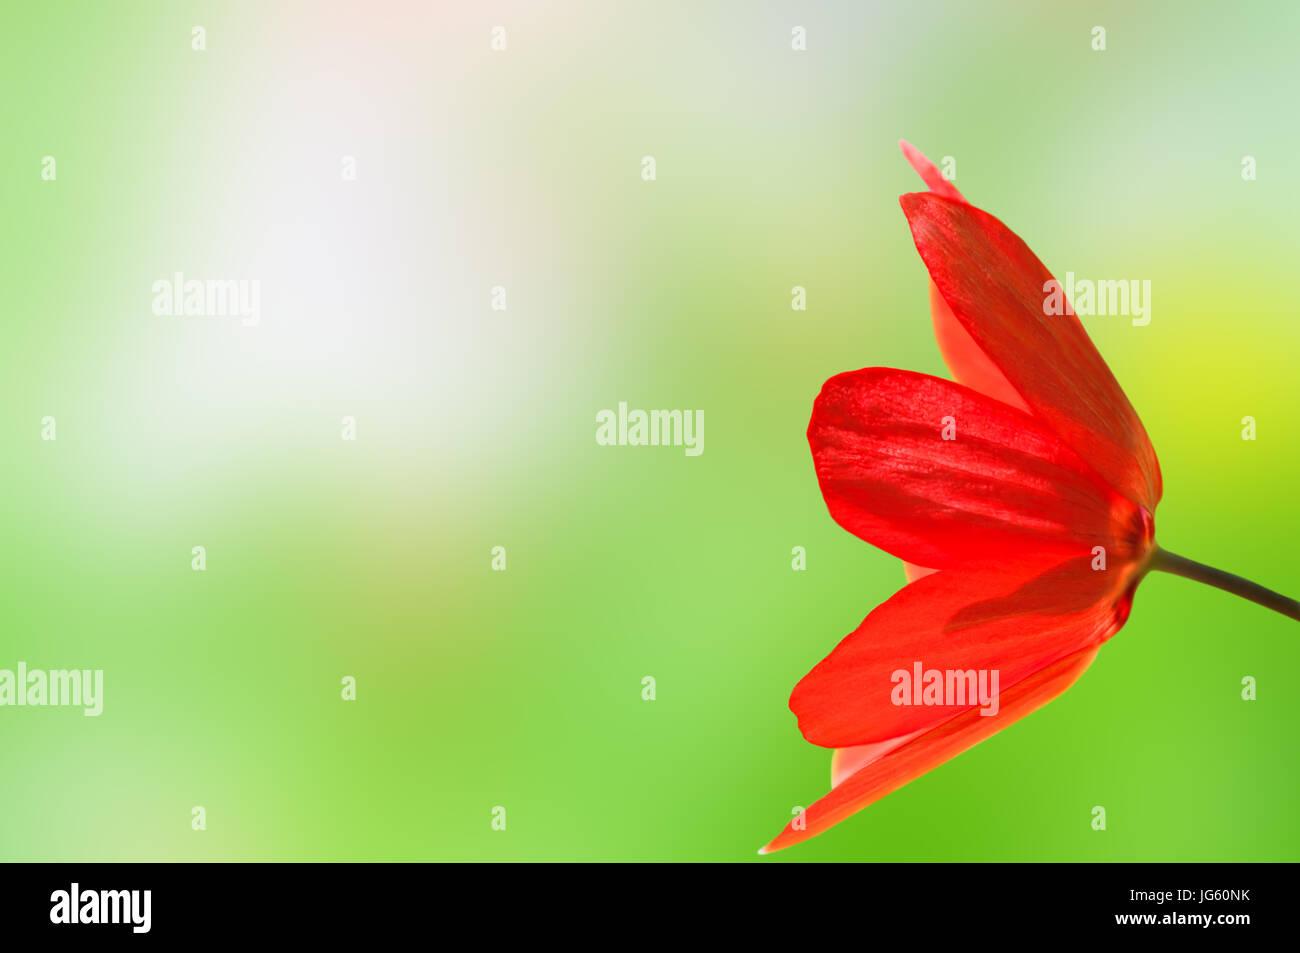 Seitlicher Blick auf eine helle rote Tulpe von rechts Rahmen ...